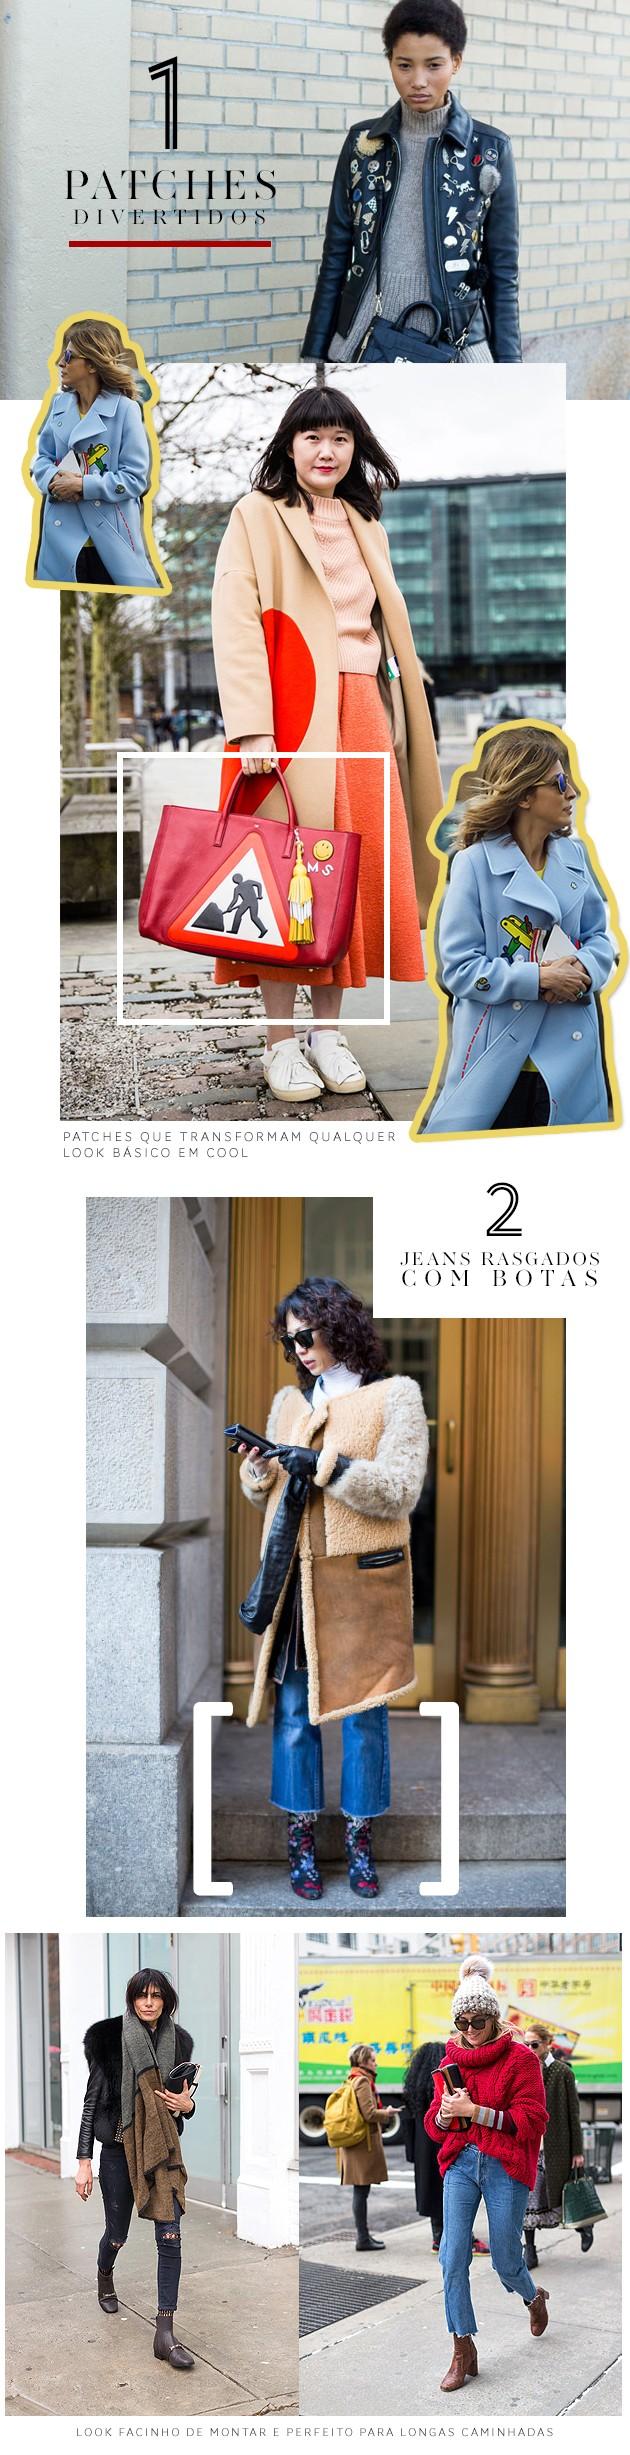 trends-tendencias-inverno-2016-london-fashion-weel-milão-fashion-week-milan-nyfw-new-york-o-que-vamos-usar-ficar-de-olho-dicas-blog-da-lari-duarte-tudo-sobre